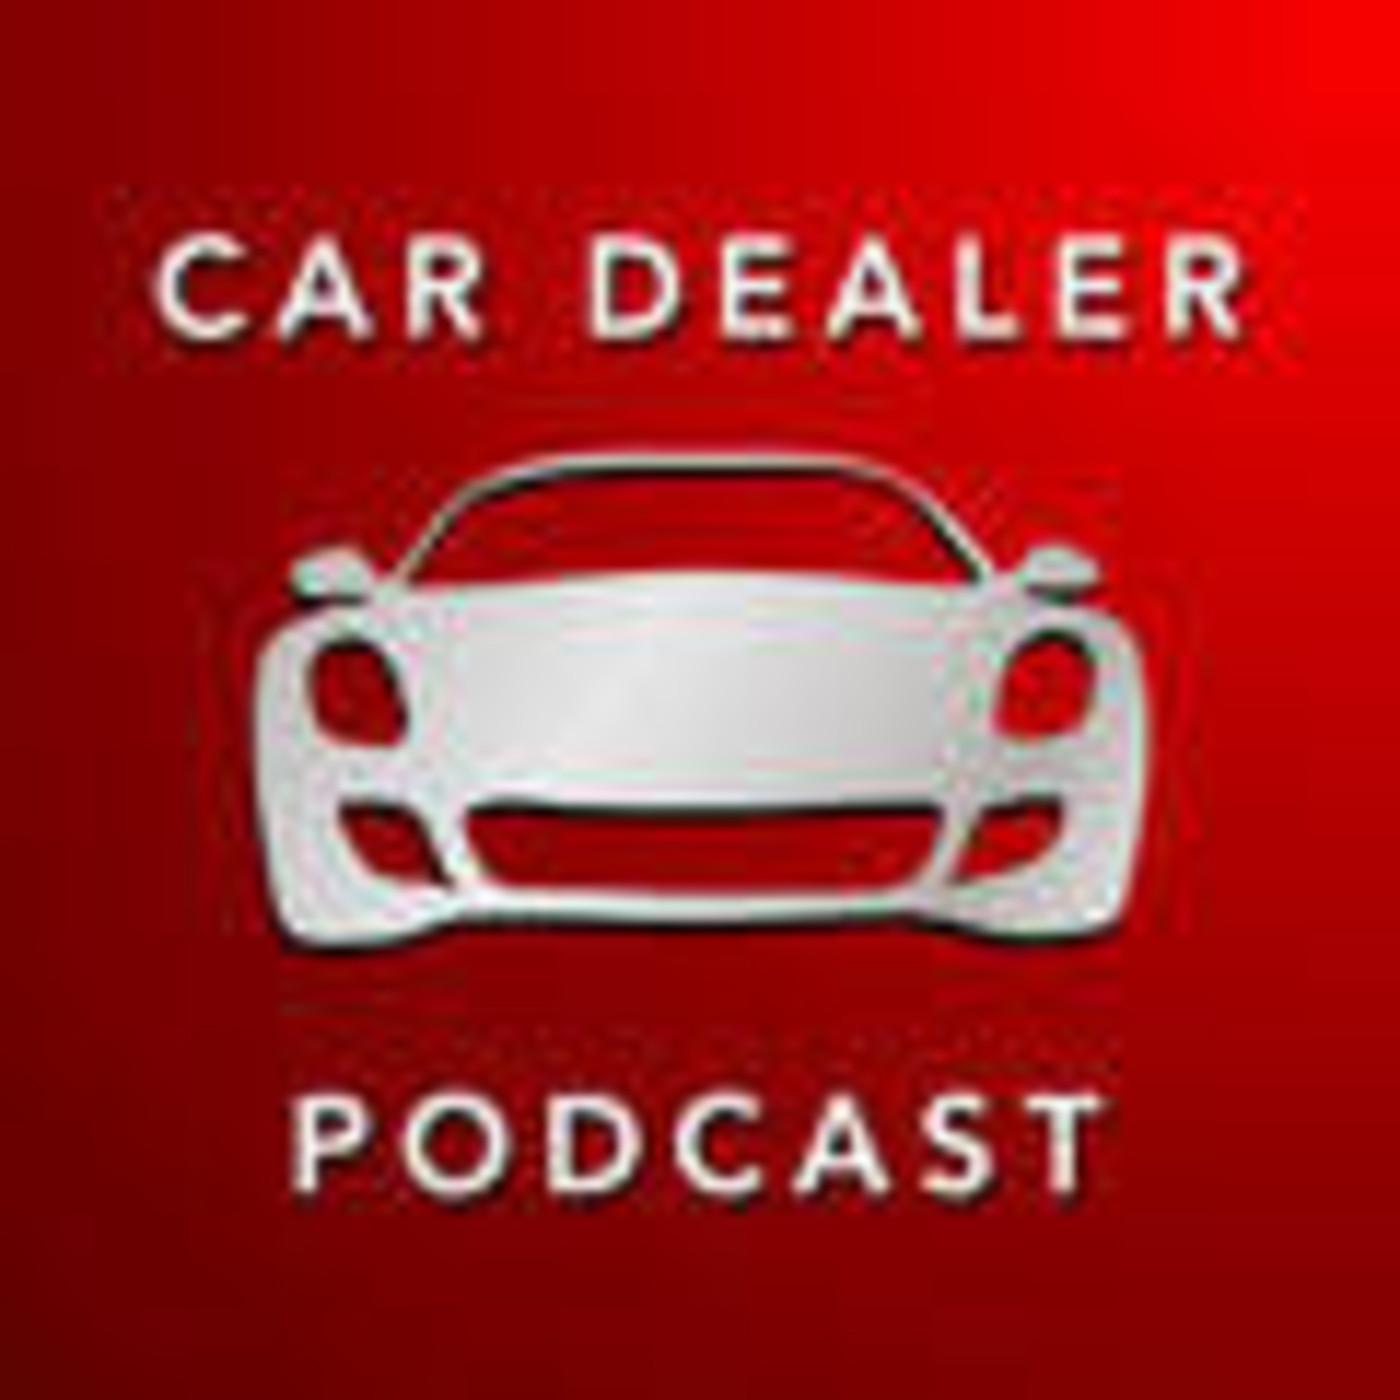 Car Dealer Podcast